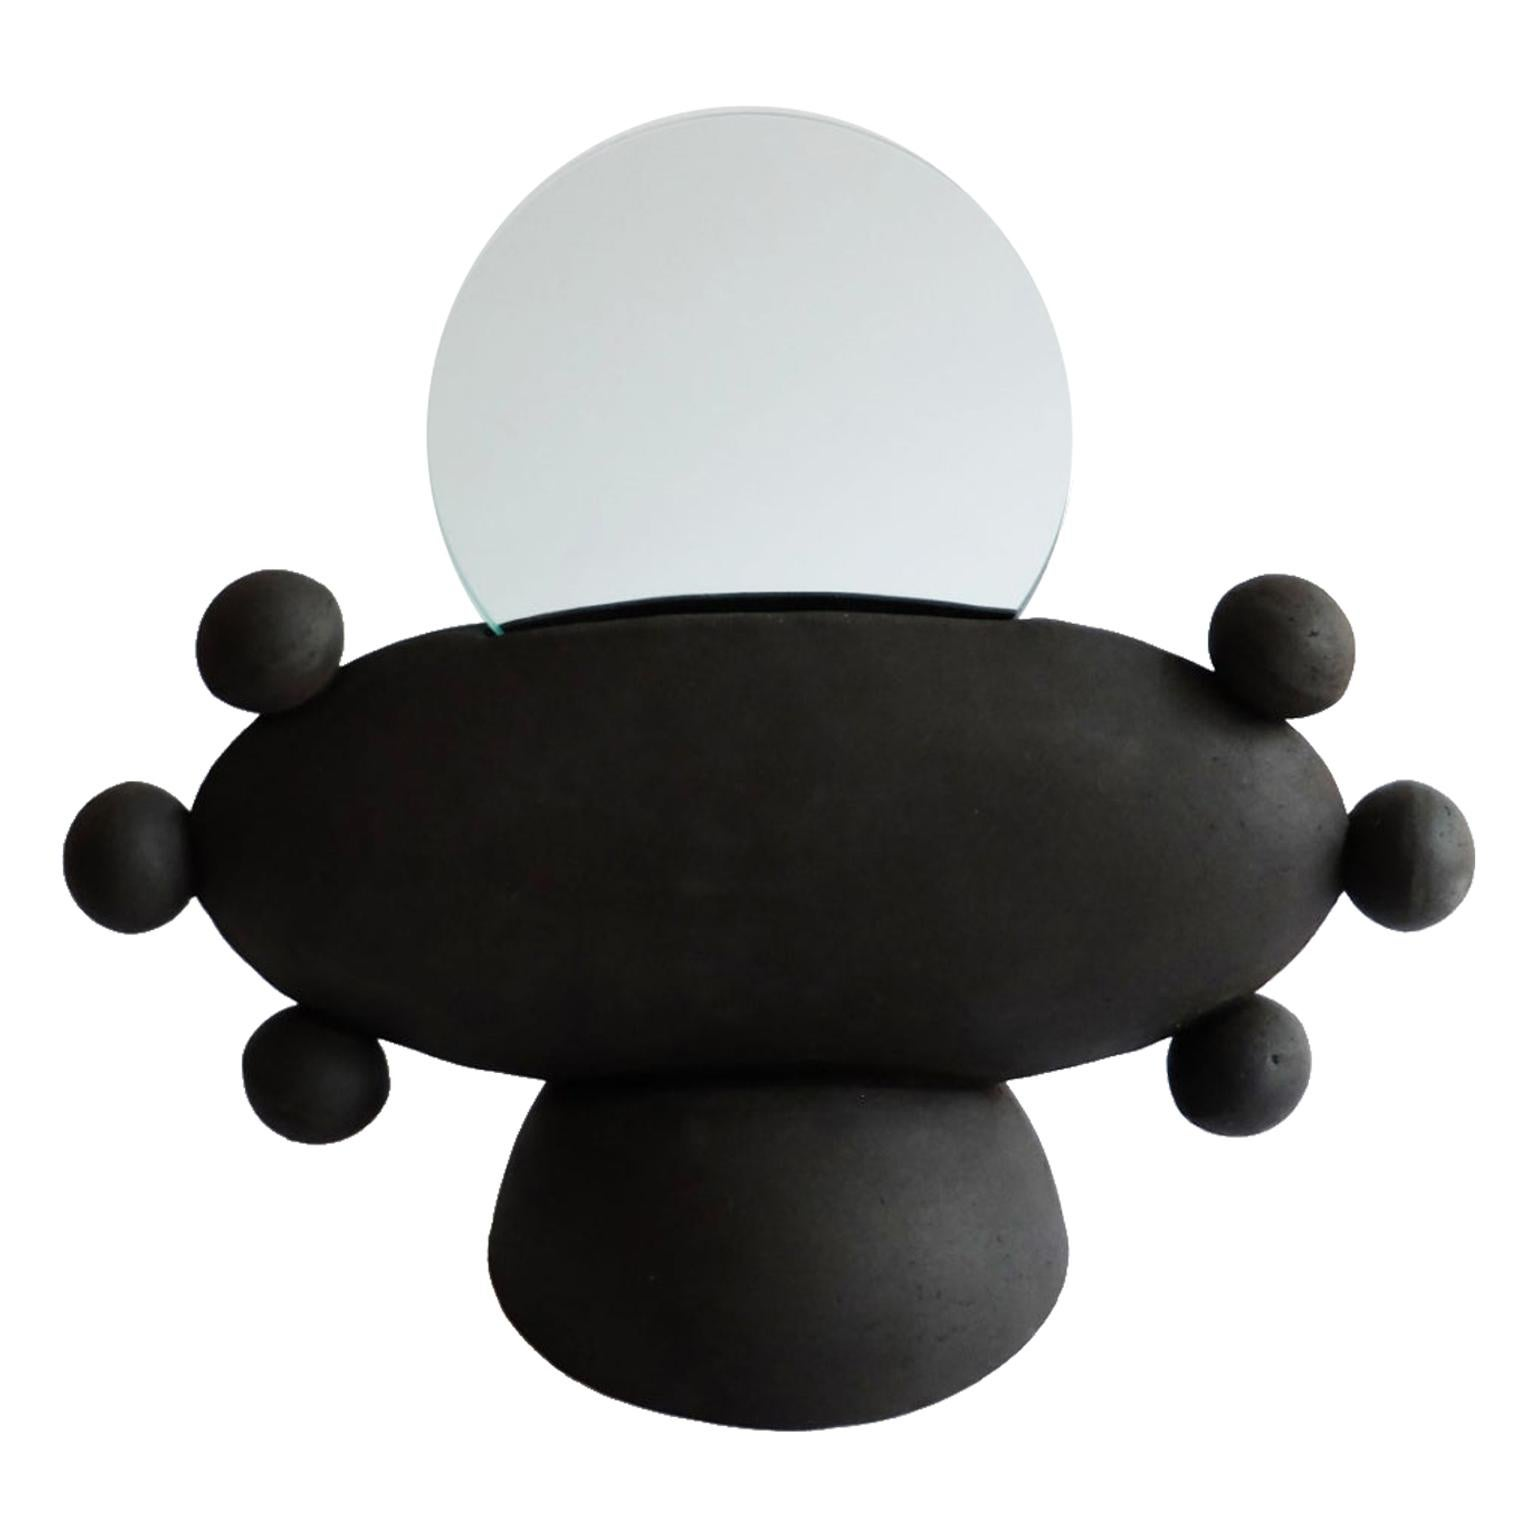 Unique UFO Mirror by Ia Kutateladze